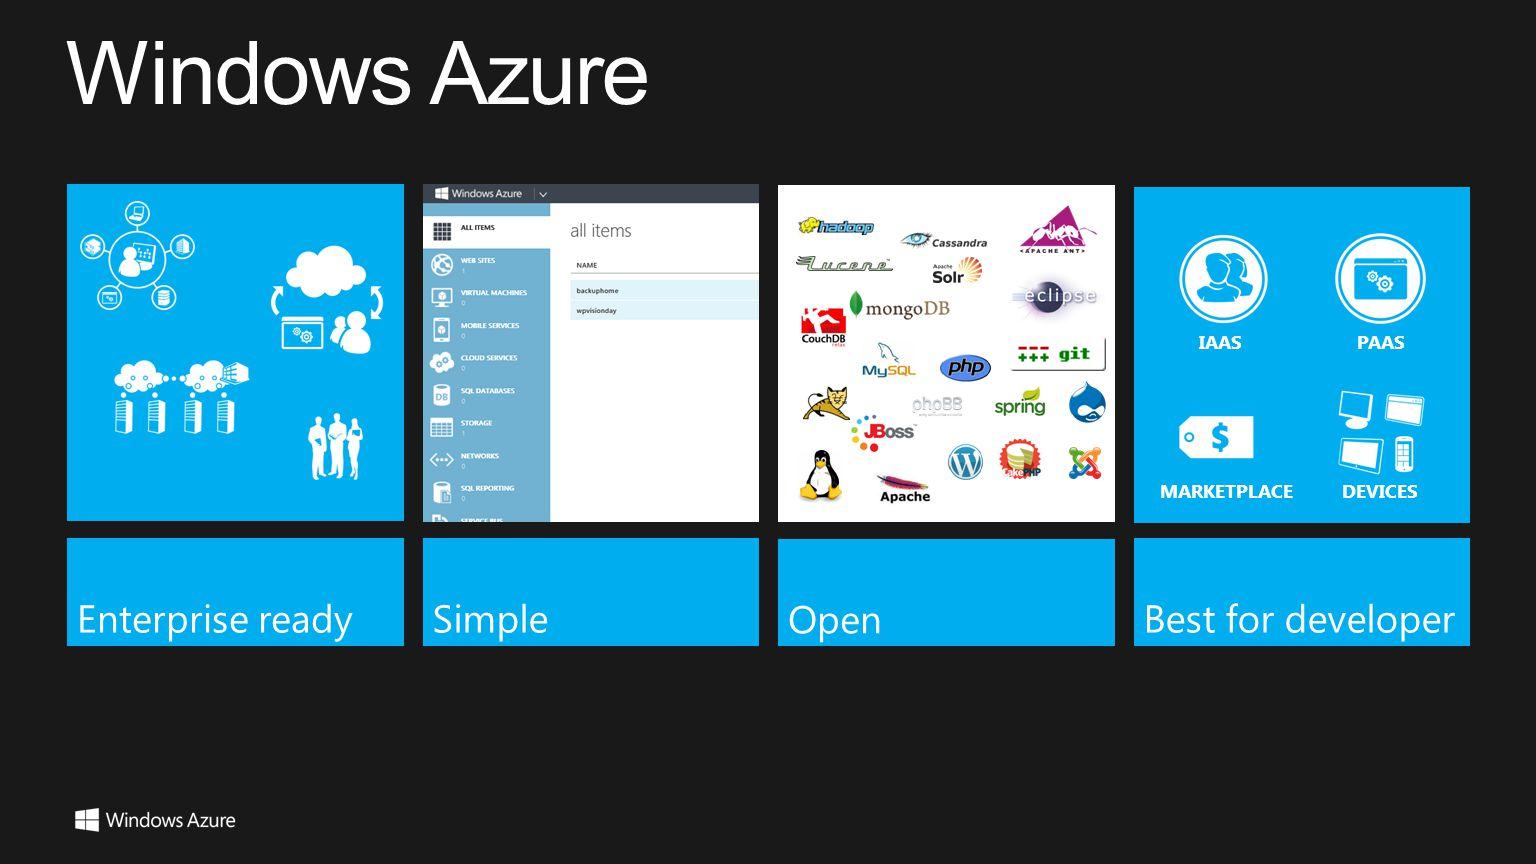 Windows Azure Enterprise ready Simple Open Best for developer IAAS